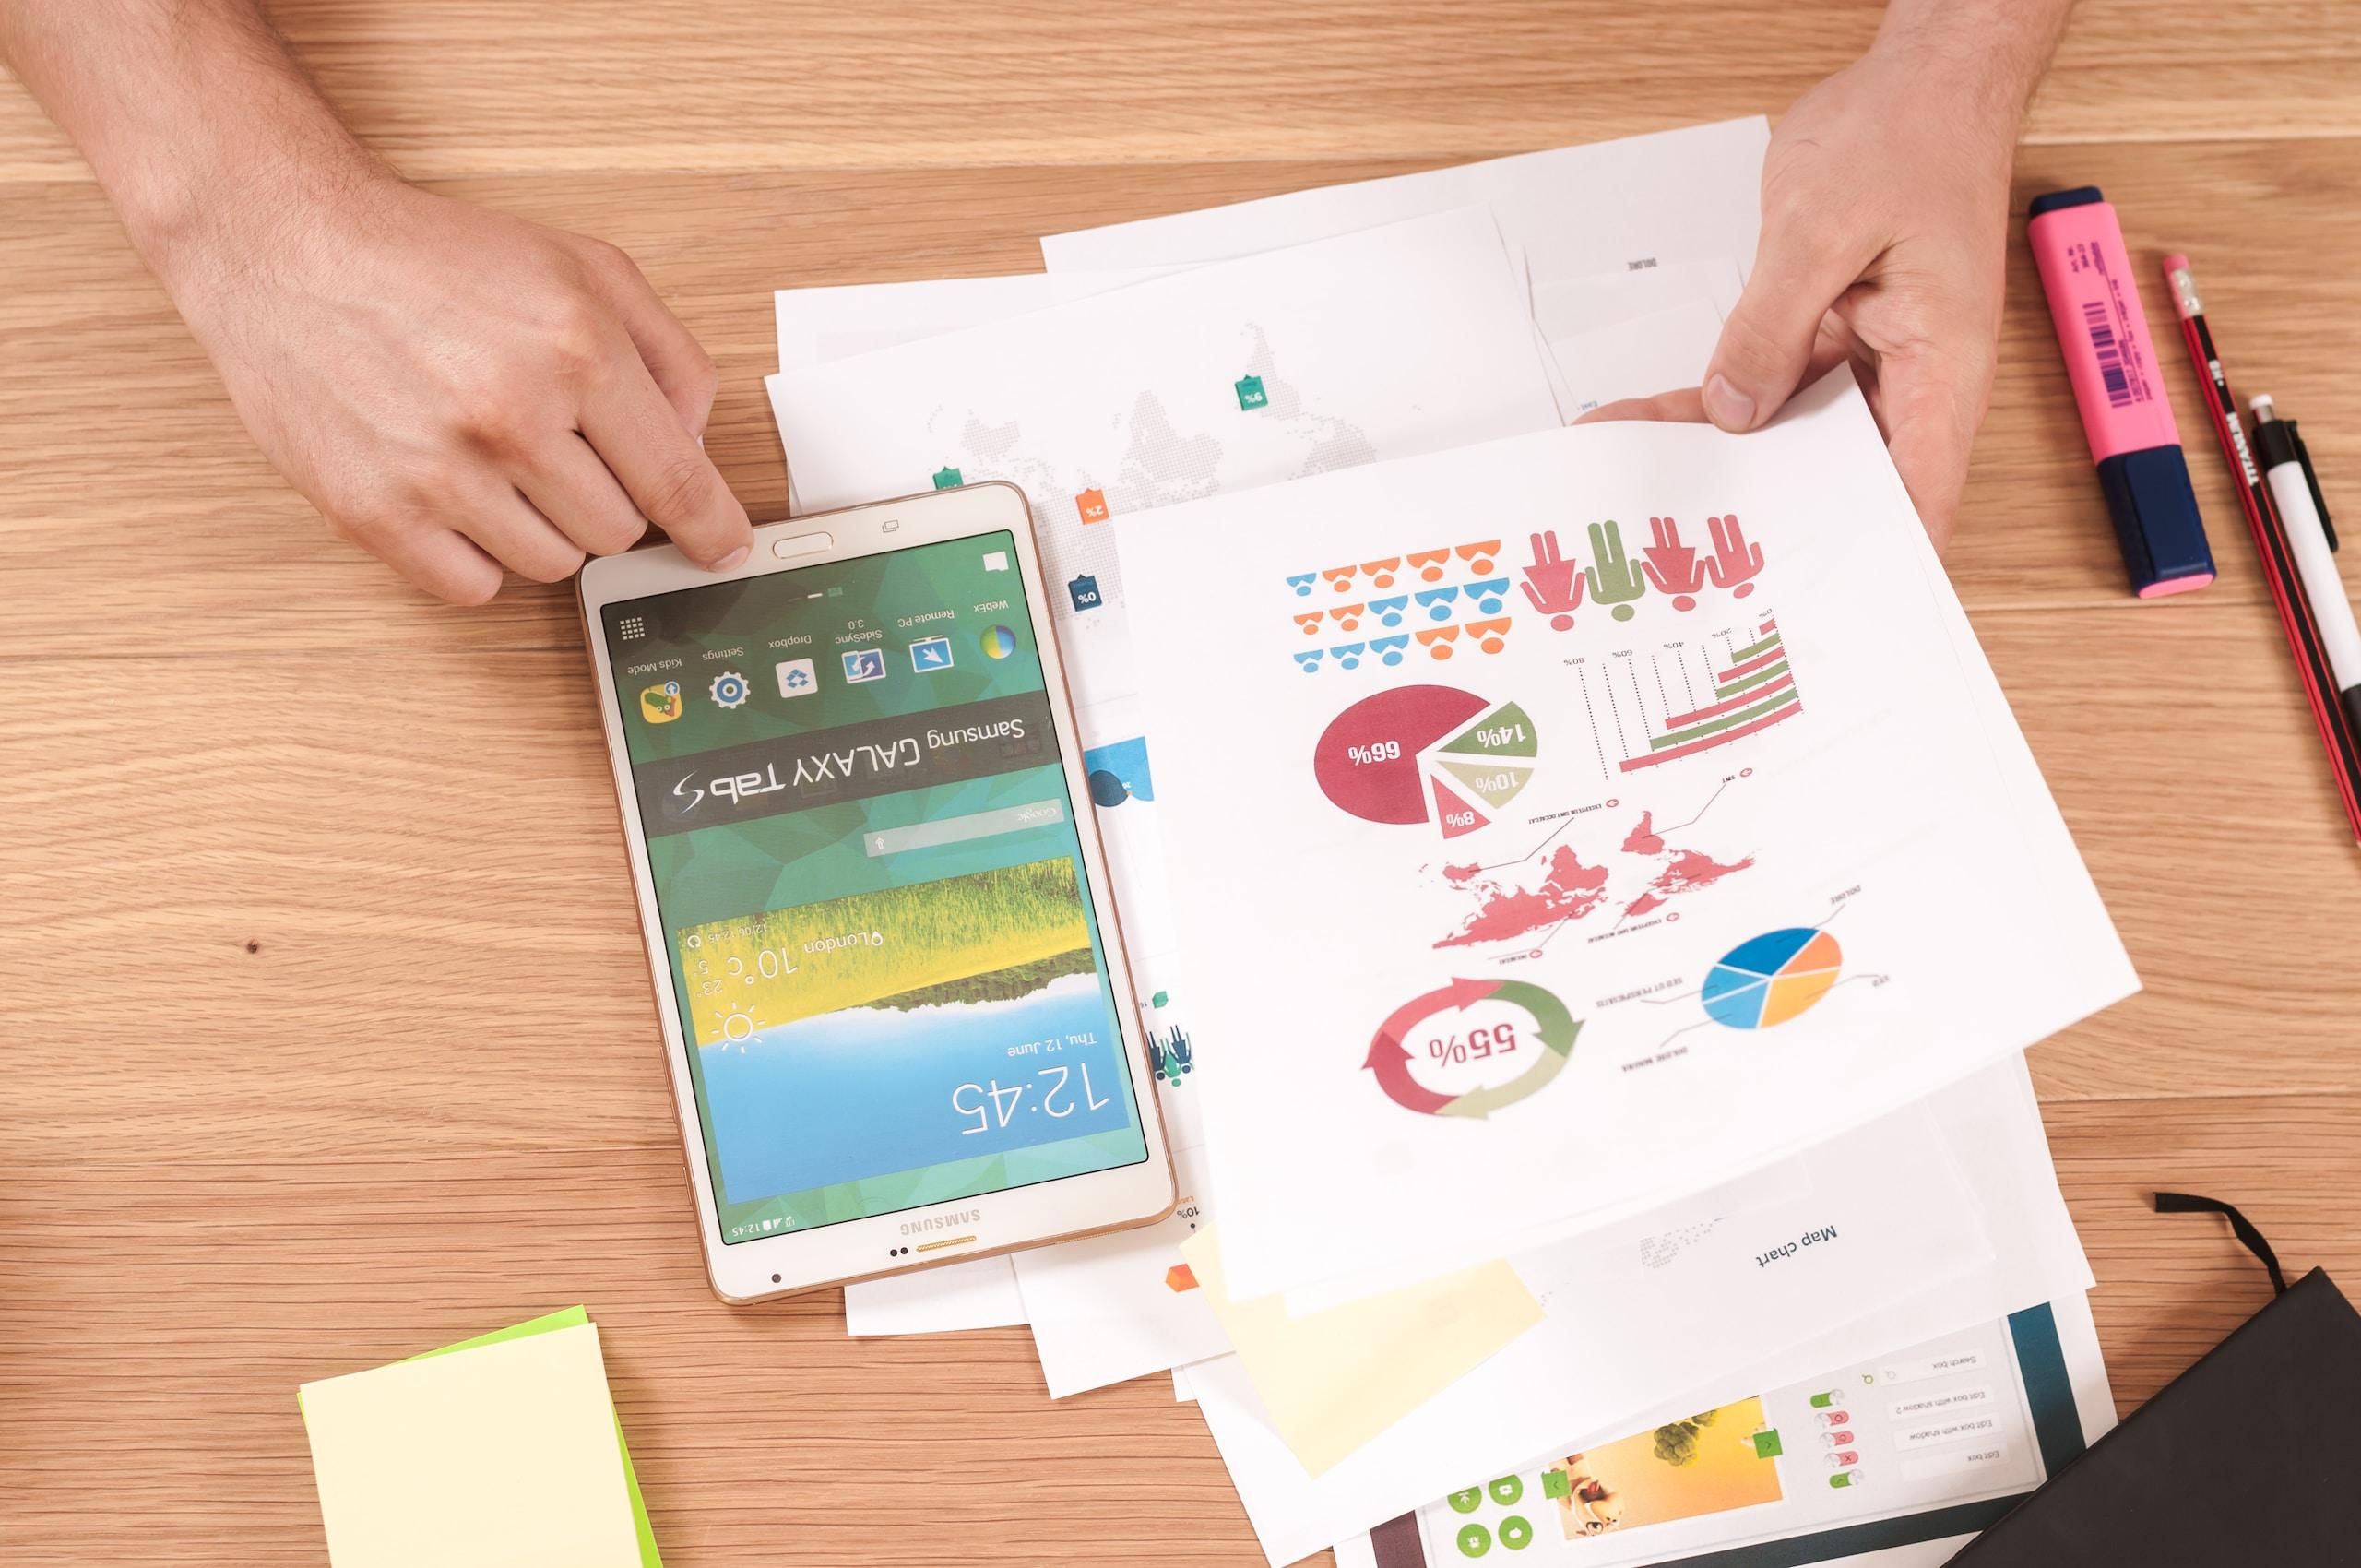 Establecimiento del Presupuesto de Comunicación